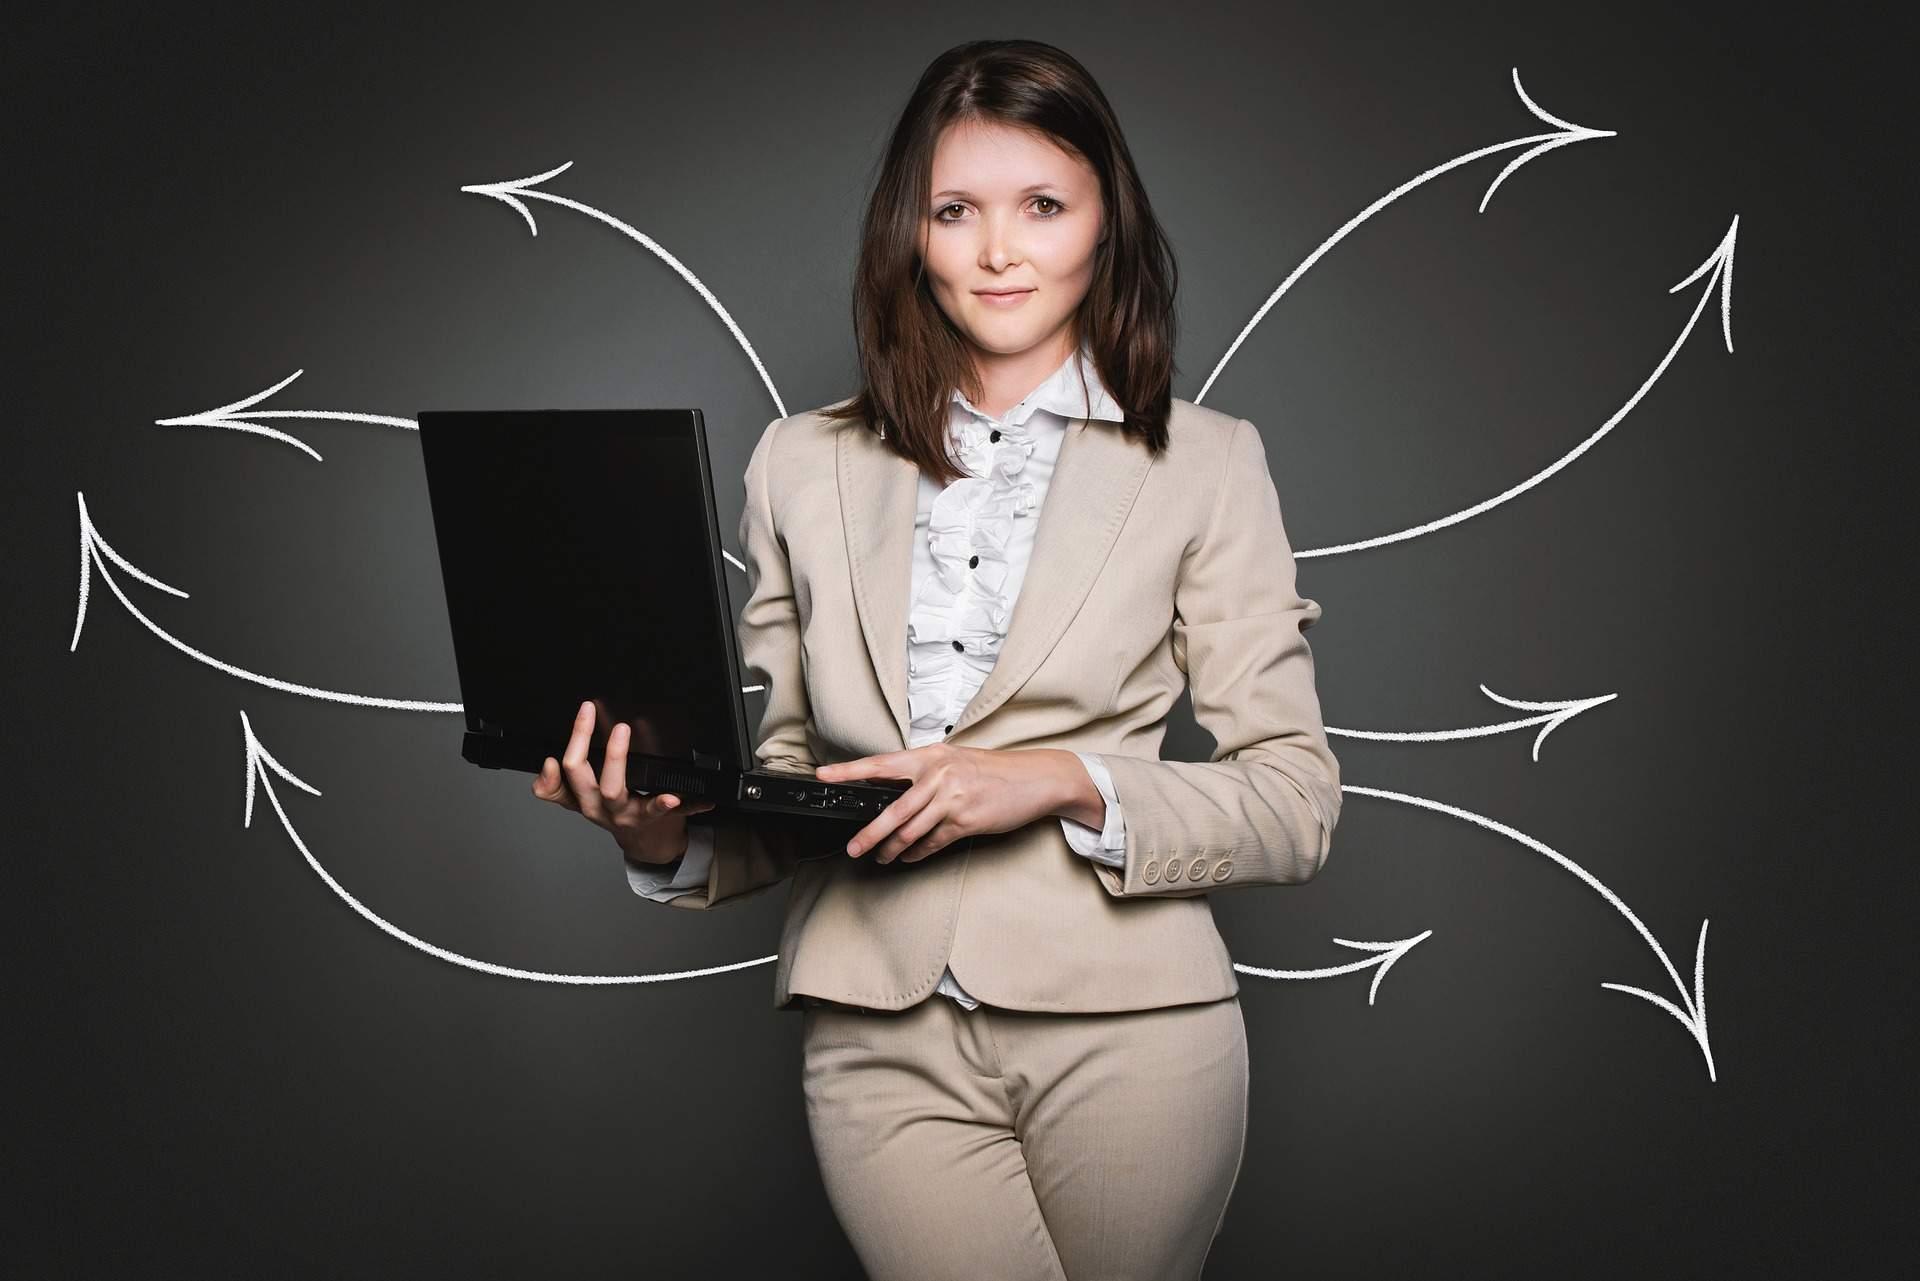 Women in business, women in leadership, female executives, women on boards